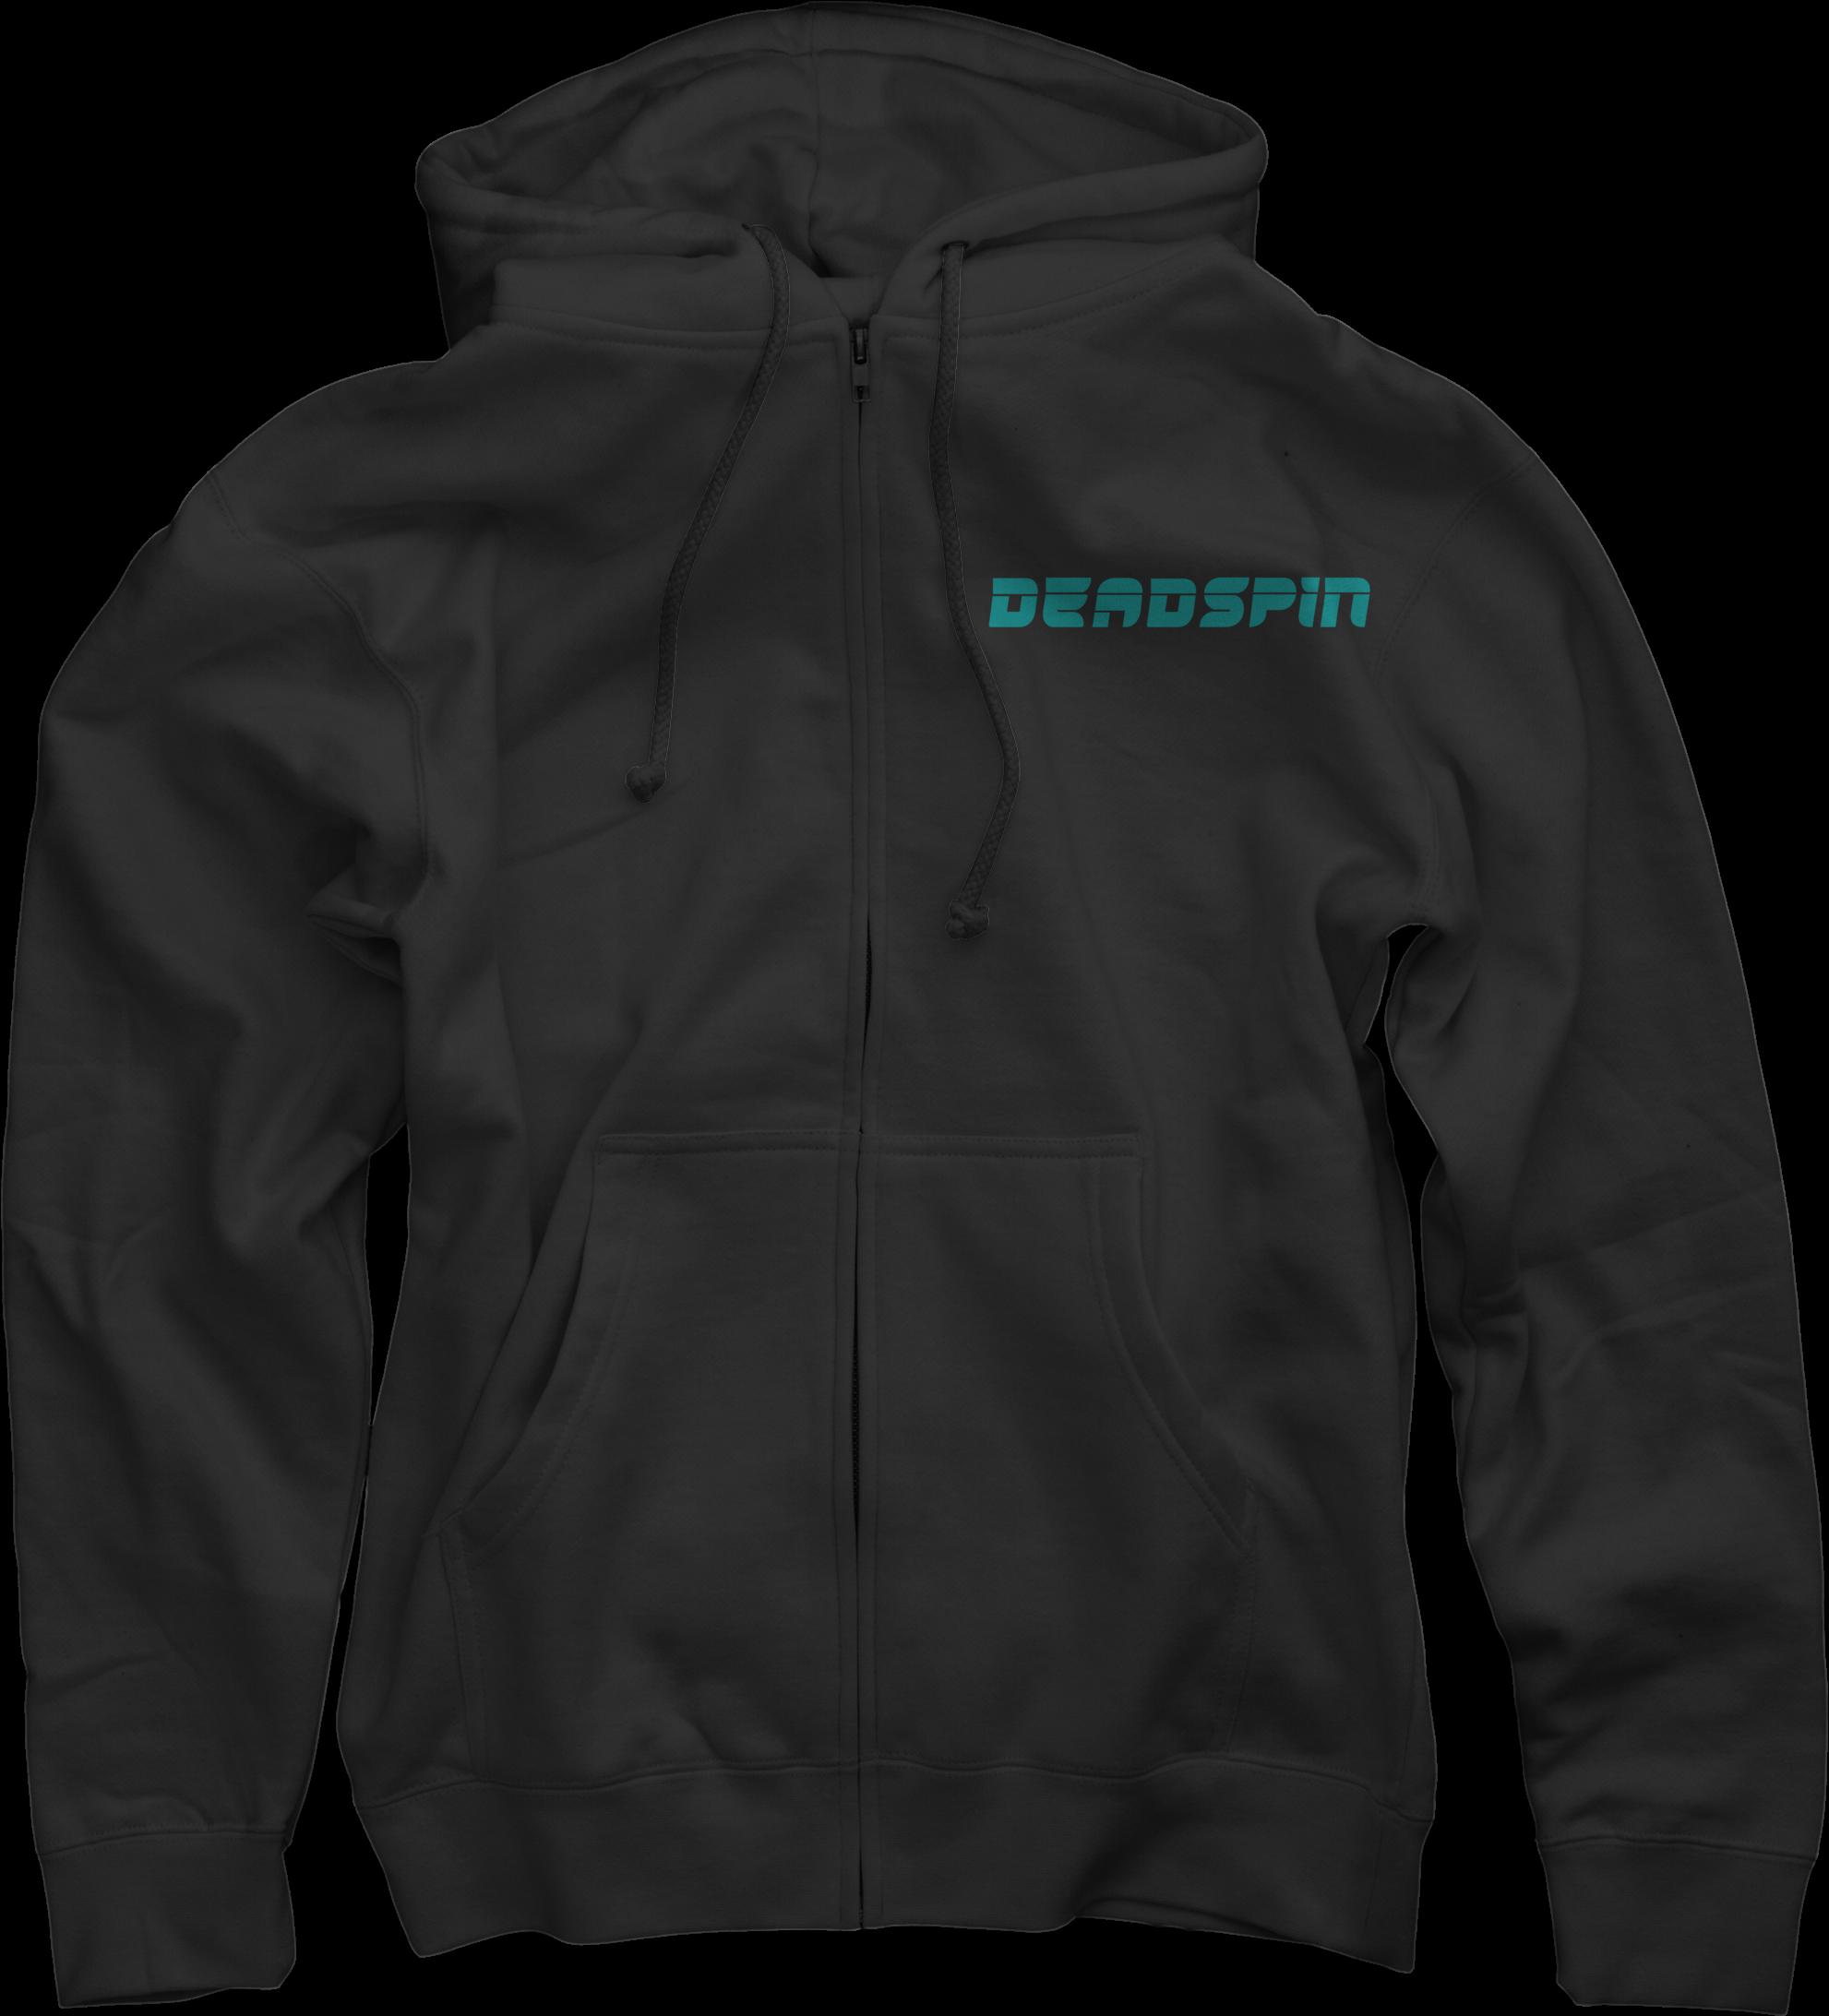 Deadspin on Black Zip Up Hoodie